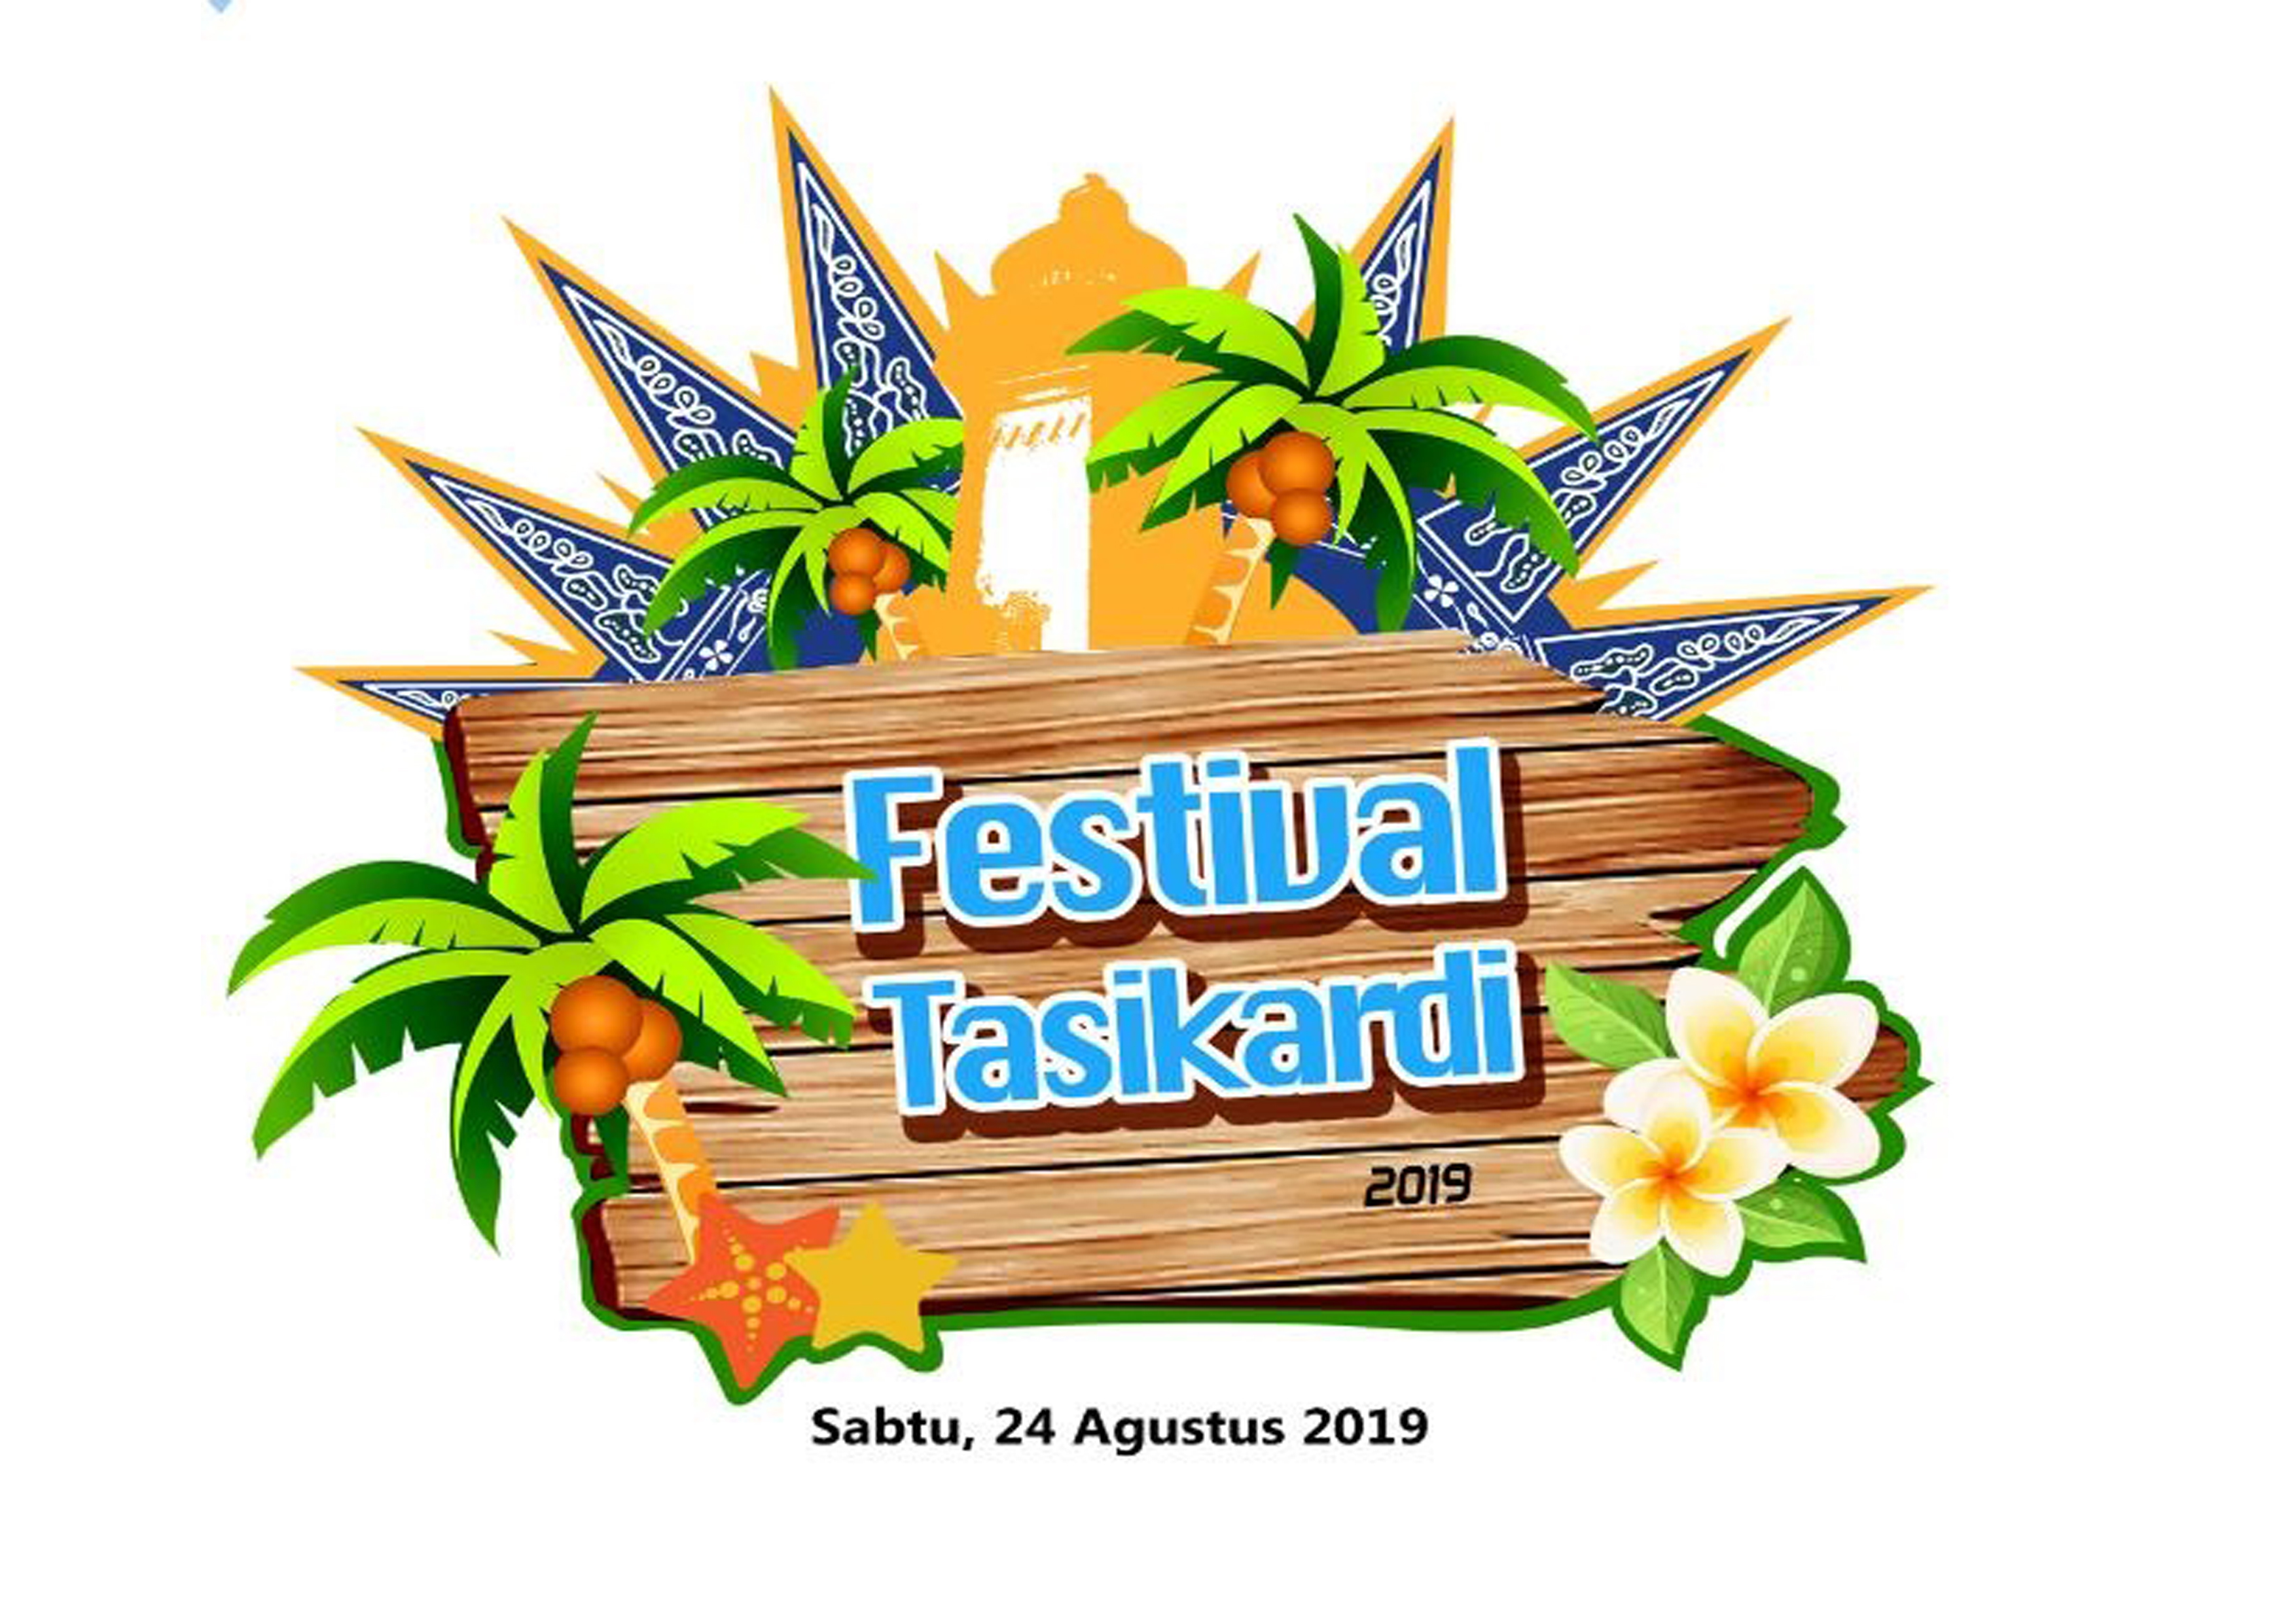 Festival Tasikardi 2019: Yuk Ikut Lomba Vlog dan Foto Pariwisata Kabupaten Serang